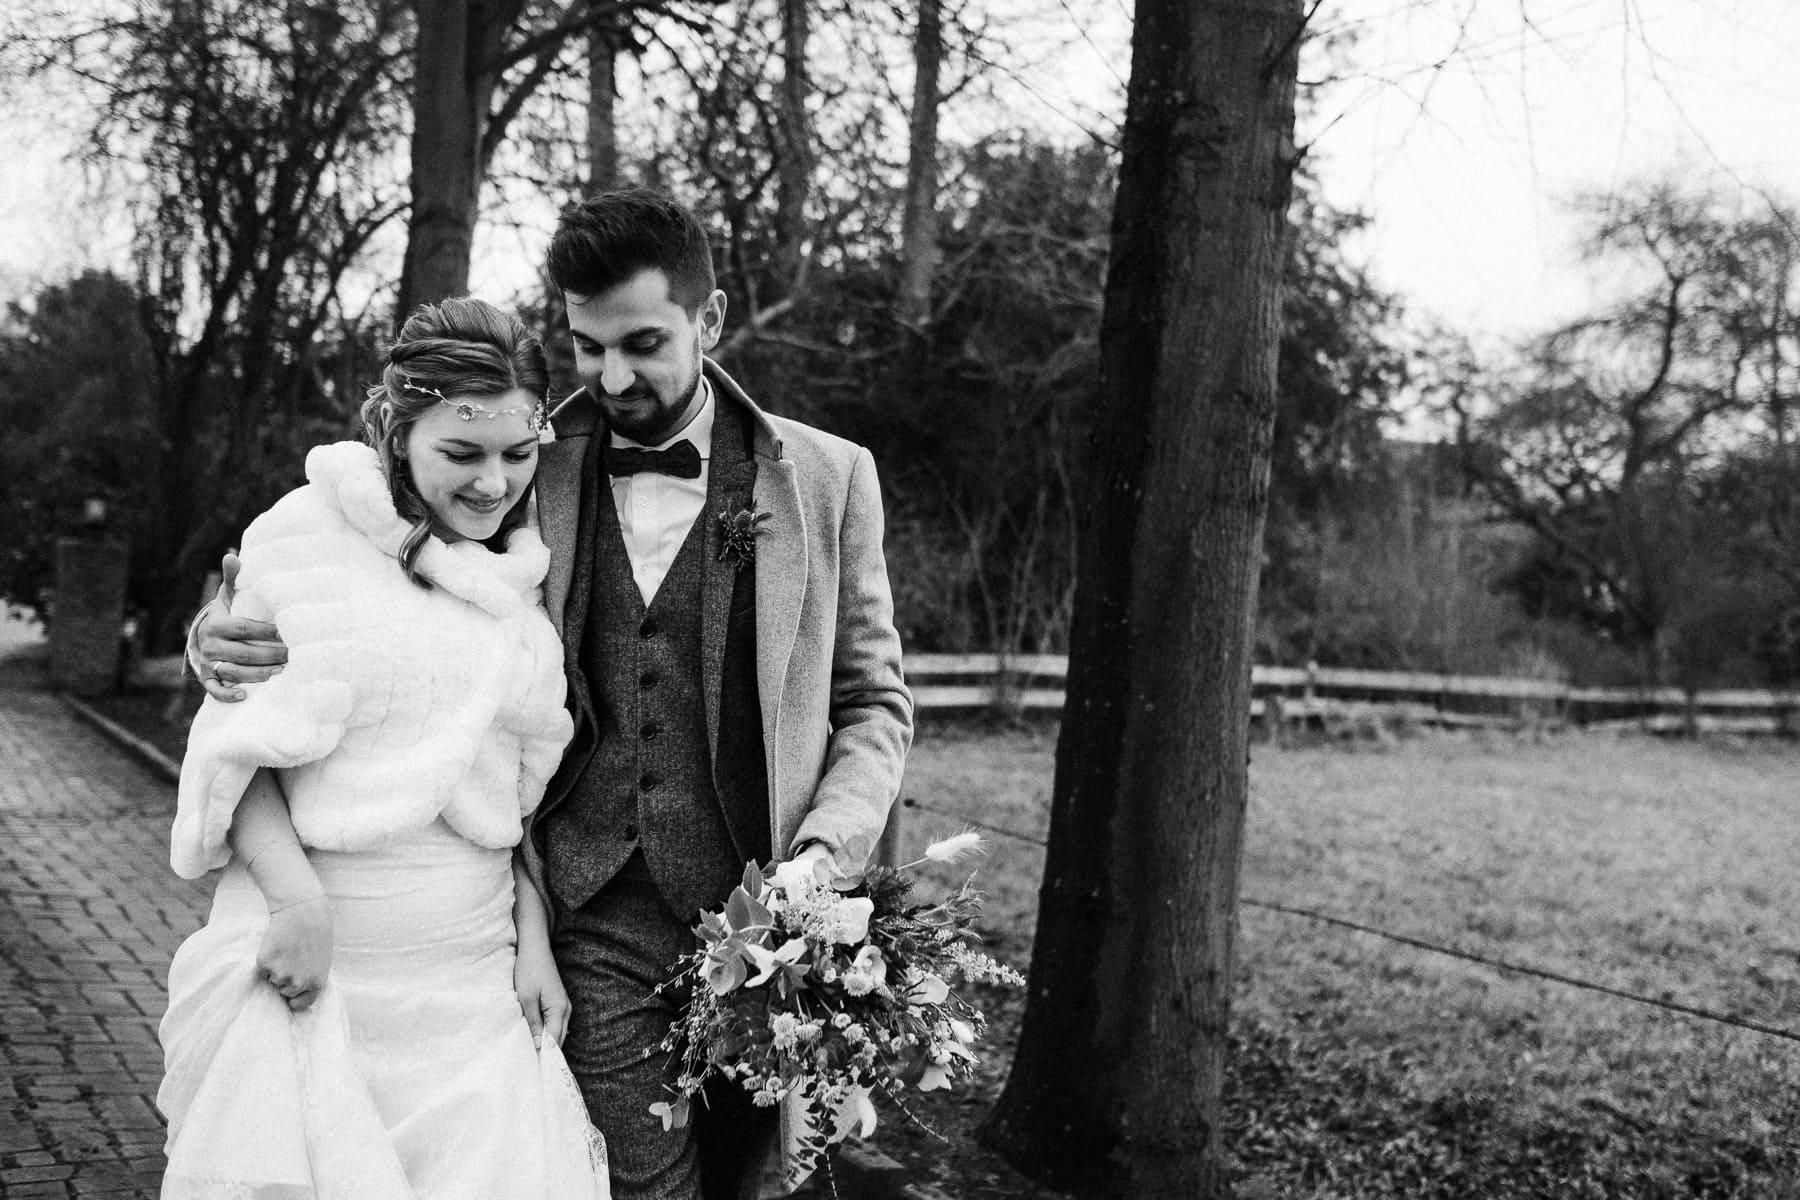 das Brautpaar geht Arm in Arm draußen auf einen Weg, der umgeben von kahlen Bäumen ist, sie schauen beide nach unten, die Frau trägt über ihrem Brautkleid einen weißen Pelzumhang, der Mann trägt über seinen Anzug einen Wollmantel